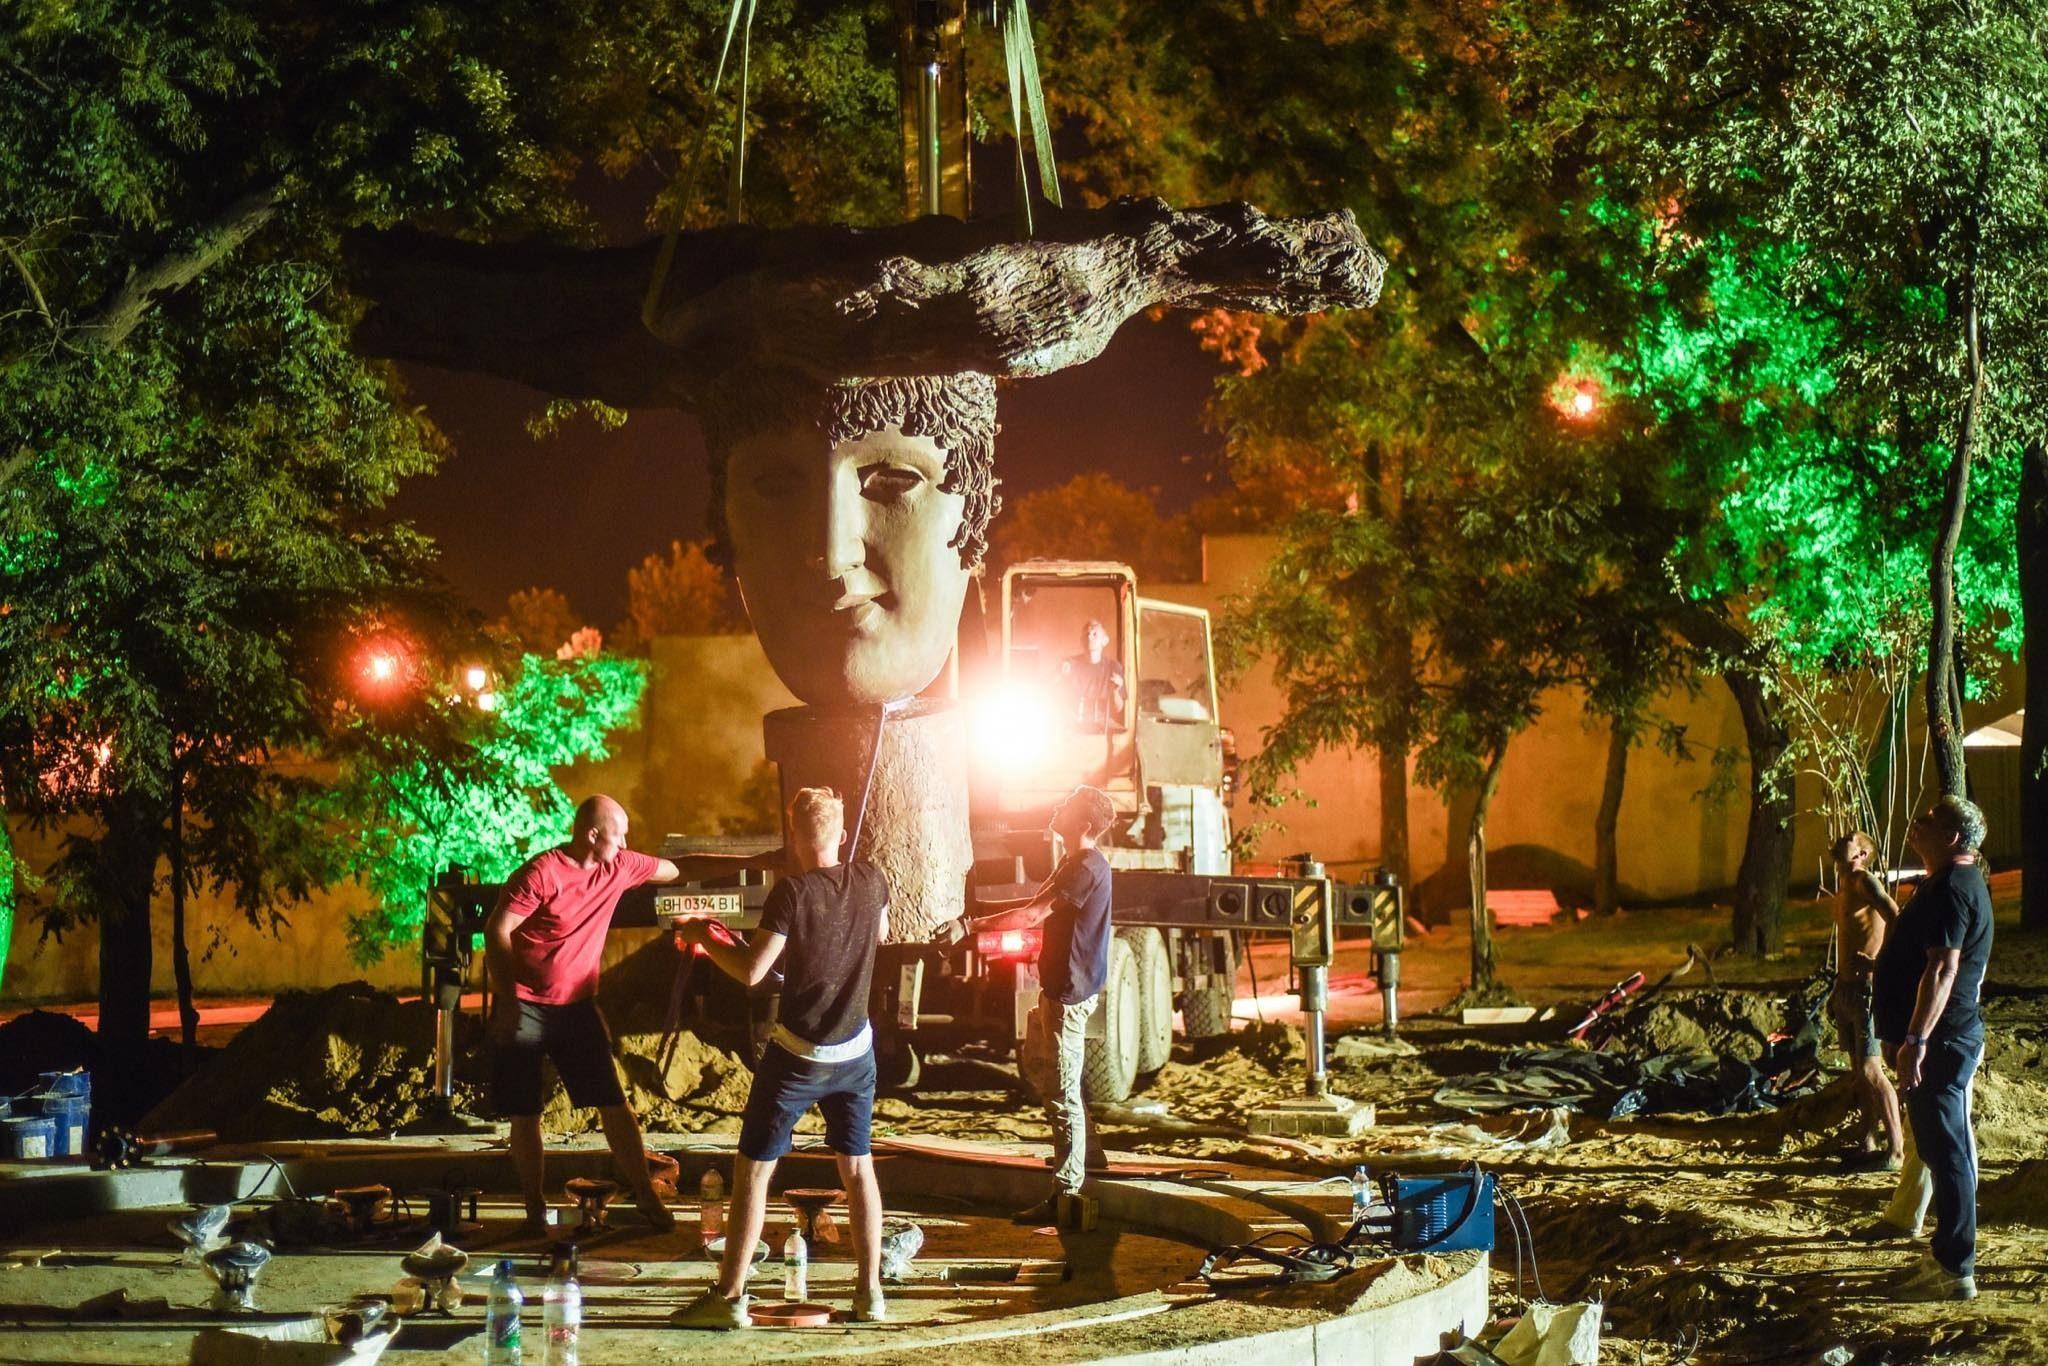 В Греческом парке устанавливают главную скульптуру фонтана и всего парка